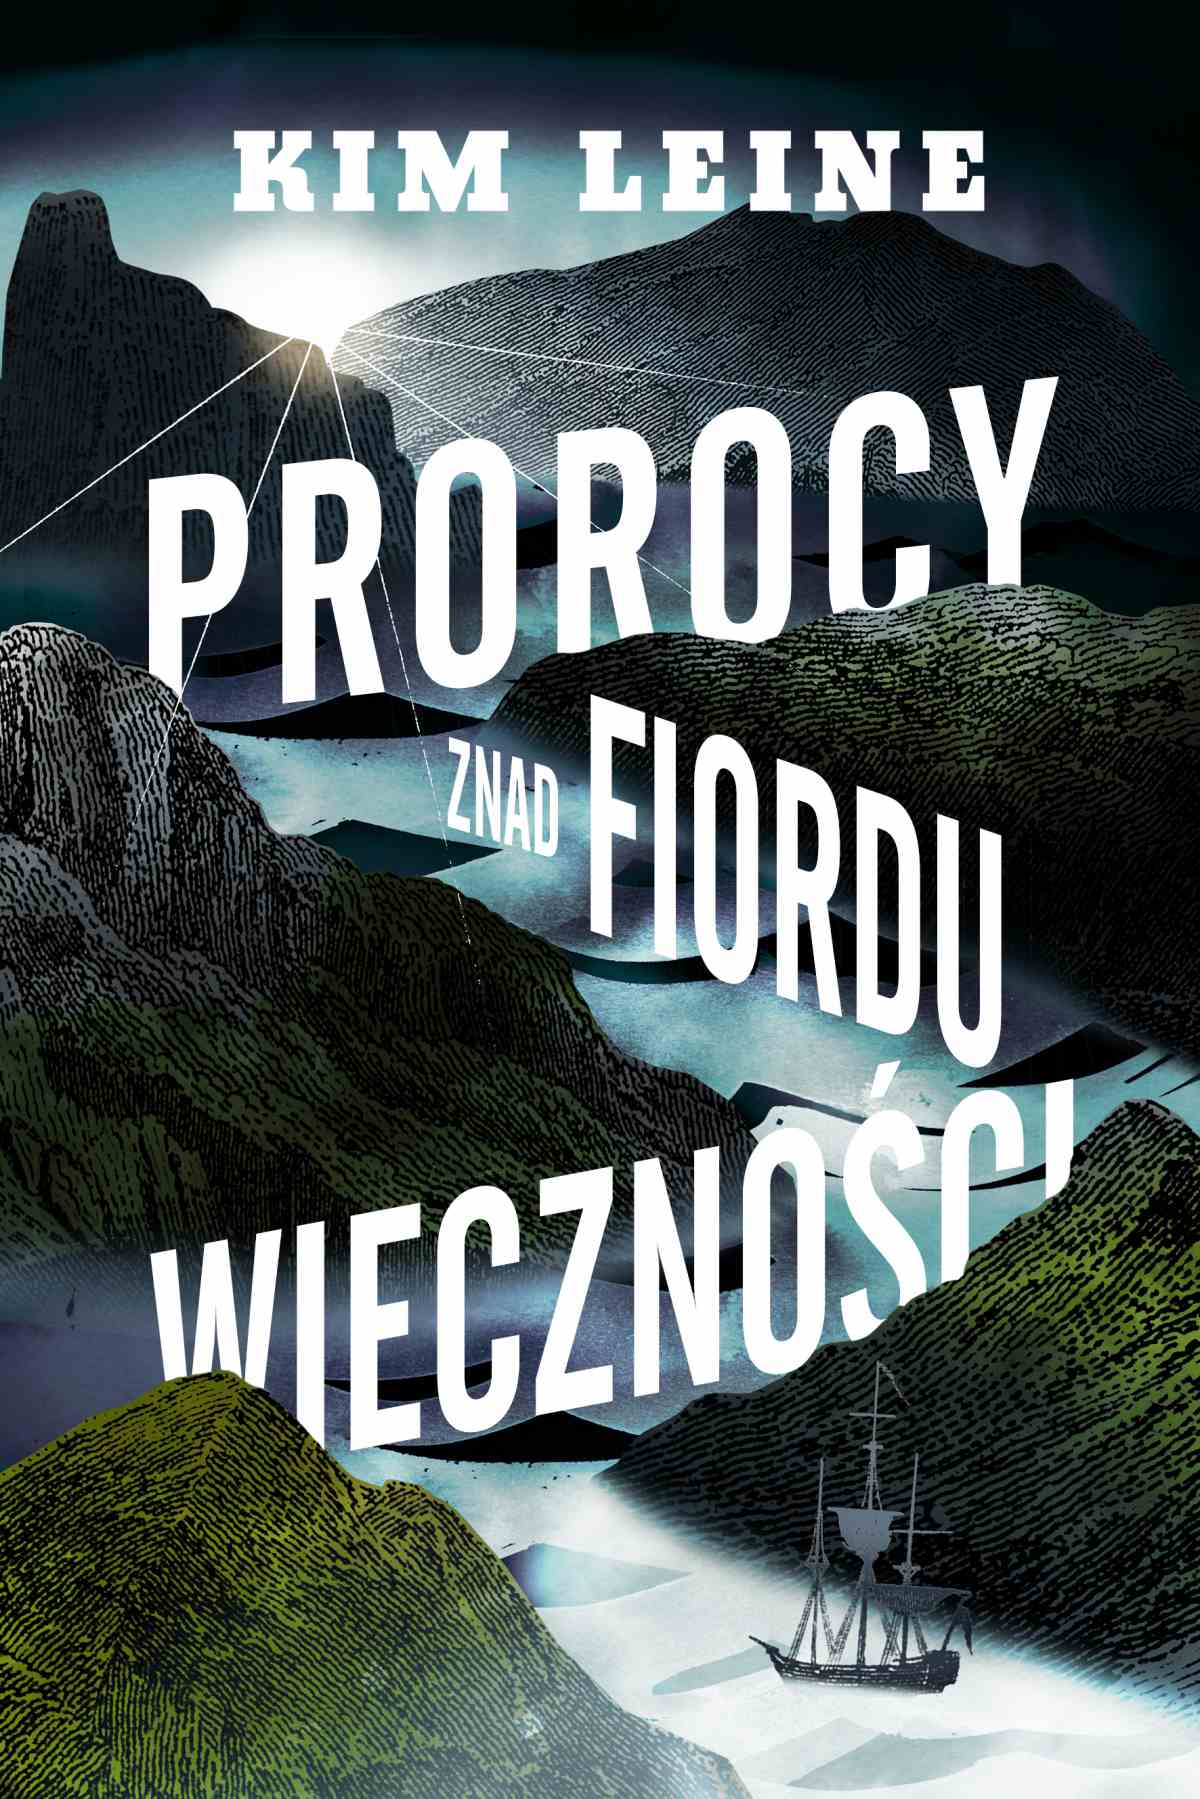 Prorocy znad Fiordu Wieczności - Ebook (Książka EPUB) do pobrania w formacie EPUB